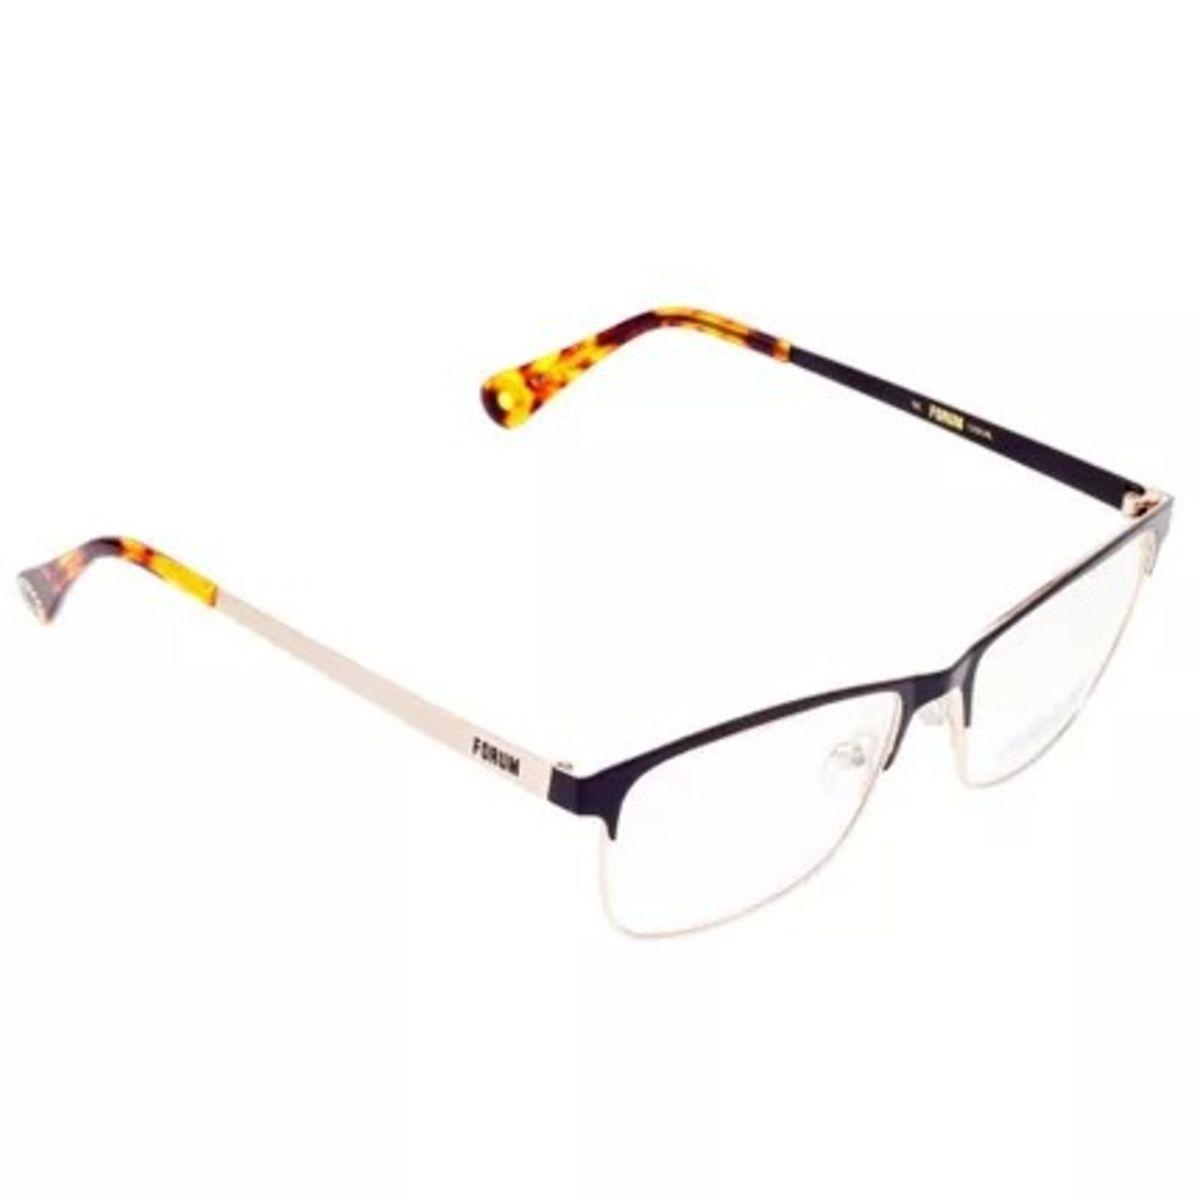 ce3b24fc9f699 armacao para oculos de grau unissex f6003 forum - preto-dourado - óculos  forum